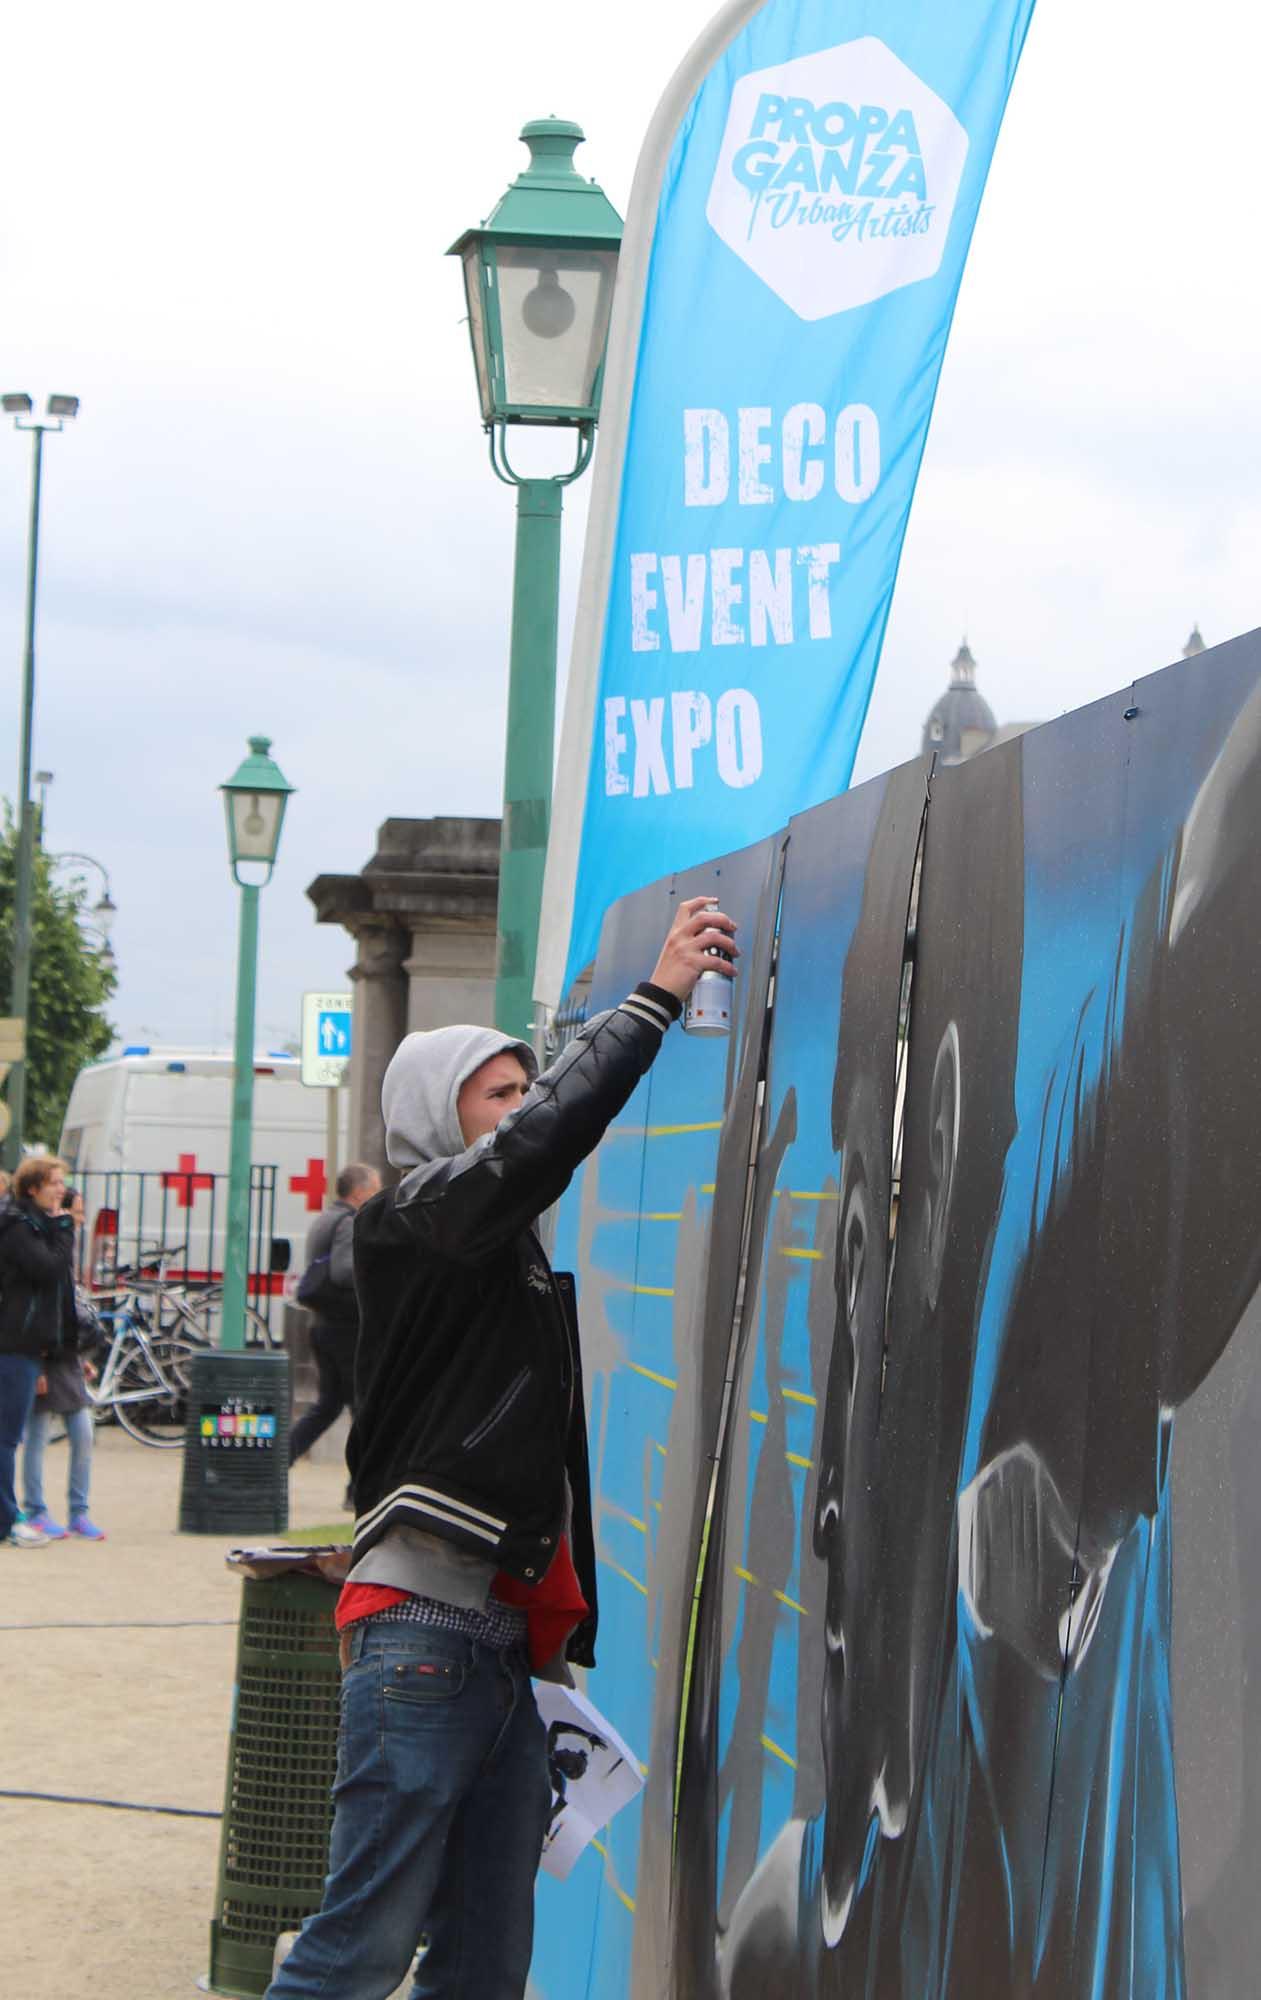 https://www.propaganza.be/wp-content/uploads/2019/04/propaganza-artist-graffiti-graff-street-art-spray-painting-belgique-bruxelles-brussels-fresque-live-show-20-km-2015-2.jpg